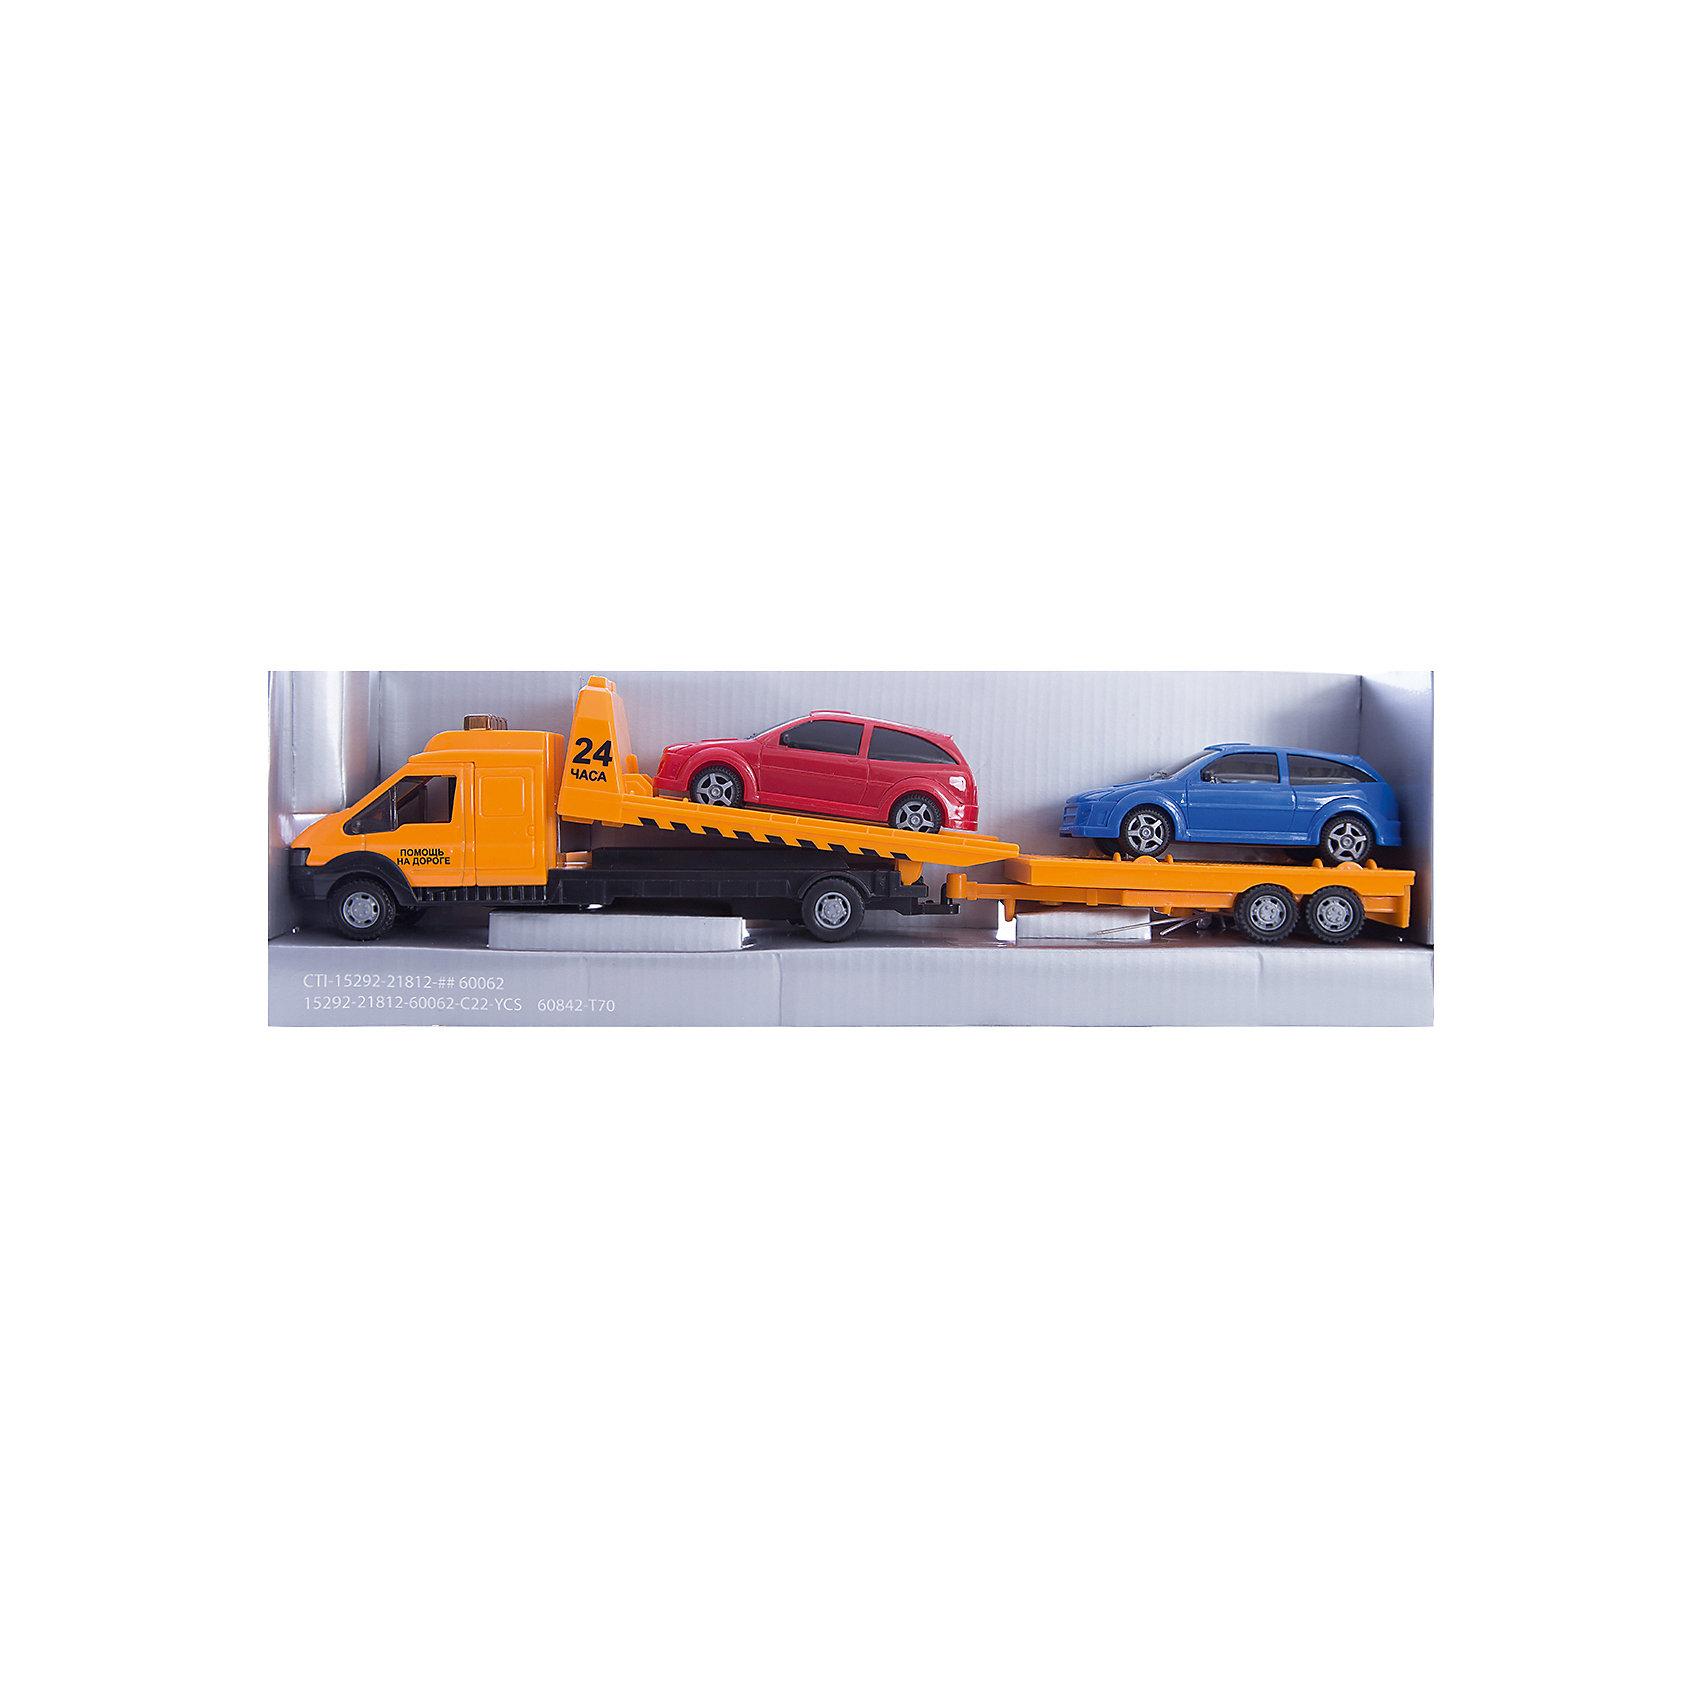 Машинка Recovery Truck Long эвакуатор с прицепом 1:48, AutotimeМашинки<br>Характеристики товара:<br><br>• цвет: красный, синий, желтый<br>• возраст: от 3 лет<br>• материал: металл, пластик<br>• масштаб: 1:48<br>• комплектация: эвакуатор, 2 машинки<br>• инерционная<br>• колеса вращаются<br>• размер упаковки: 25х6х11 см<br>• вес с упаковкой: 300 г<br>• страна бренда: Россия, Китай<br>• страна изготовитель: Китай<br><br>Такая машинка представляет собой миниатюрную копию машины с эвакуатором и набором из двух машинок и прицепа. Она отличается высокой детализацией, является коллекционной моделью. <br><br>Сделана машинка из прочного и безопасного материала. Корпус - из металла и пластика. <br><br>Машинку «Recovery Truck Long эвакуатор с прицепом 1:48», Autotime (Автотайм) можно купить в нашем интернет-магазине.<br><br>Ширина мм: 362<br>Глубина мм: 114<br>Высота мм: 146<br>Вес г: 15<br>Возраст от месяцев: 36<br>Возраст до месяцев: 2147483647<br>Пол: Мужской<br>Возраст: Детский<br>SKU: 5584149